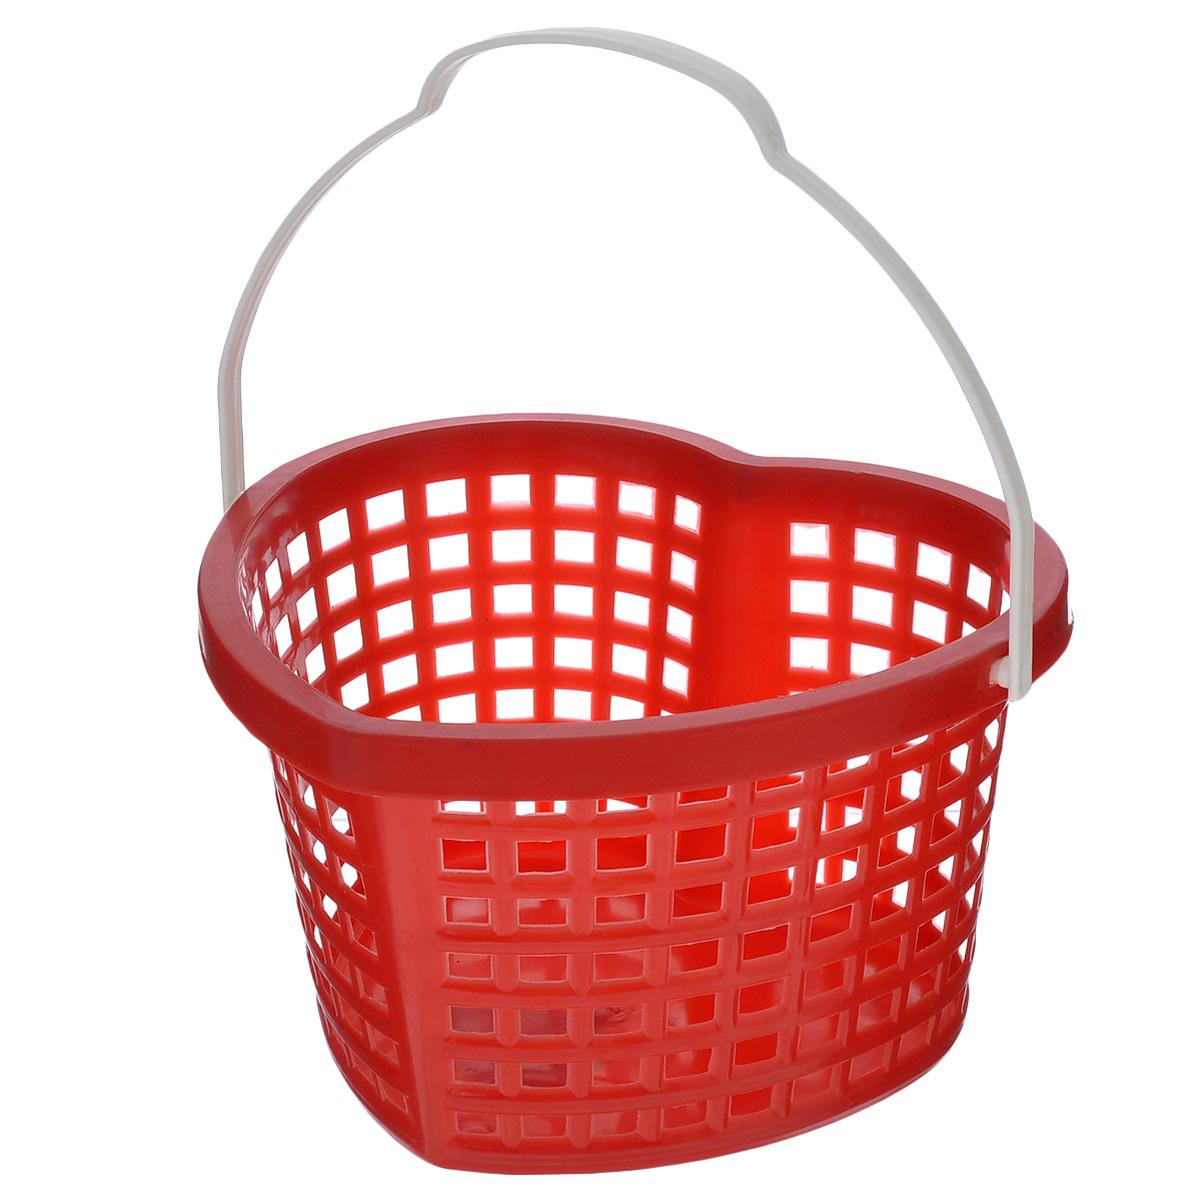 Корзина Sima-land Сердце, цвет: красный, 19 х 17 х 12 см185378_красныйКорзина Sima-land Сердце, изготовленная из высококачественного прочного пластика, предназначена для хранения мелочей в ванной, на кухне, даче или гараже. Изделие выполнено в виде сердца и оснащено эргономичной ручкой для переноски. Это легкая корзина со сплошным дном, жесткой кромкой и небольшими отверстиями, которая позволяет хранить мелкие вещи, исключая возможность их потери.